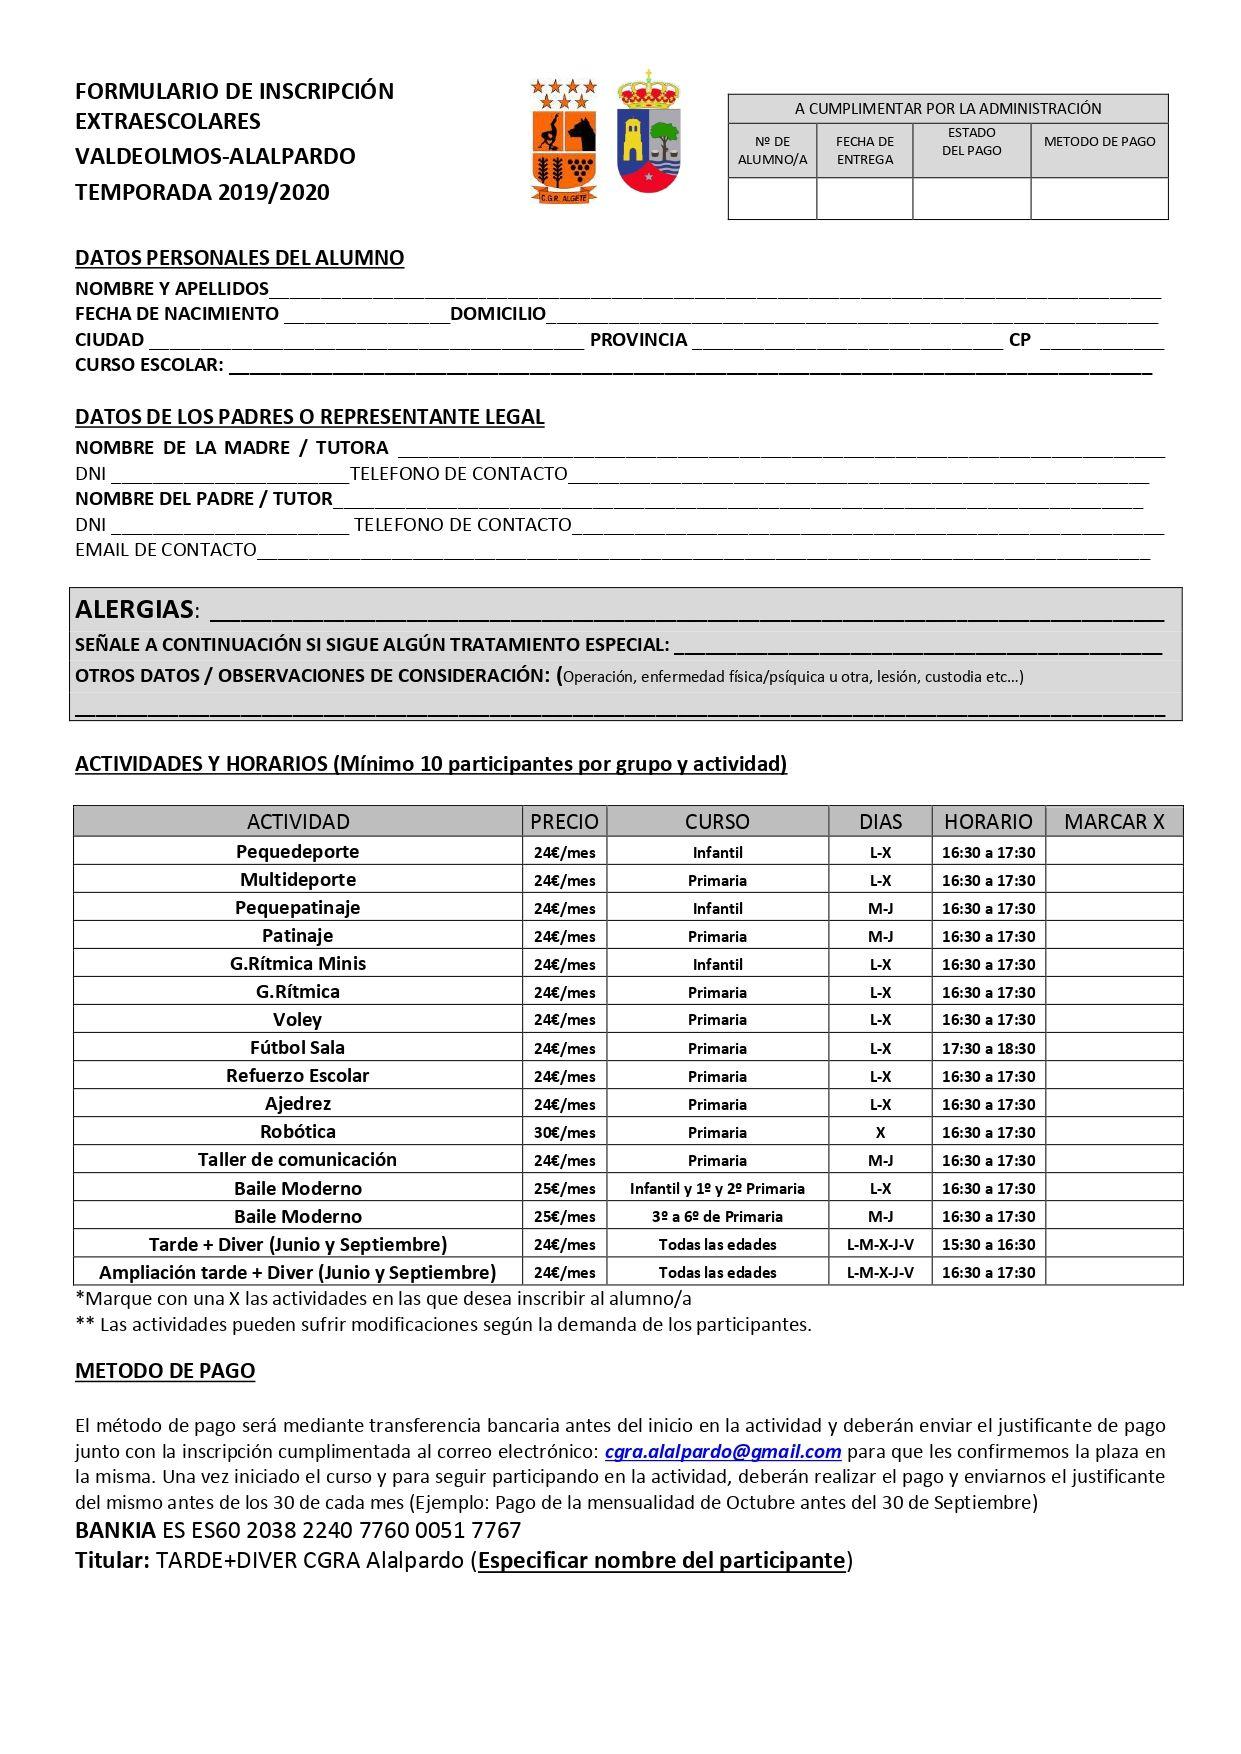 Inscripcion Extraescolares alalpardo 19 20_page-0001